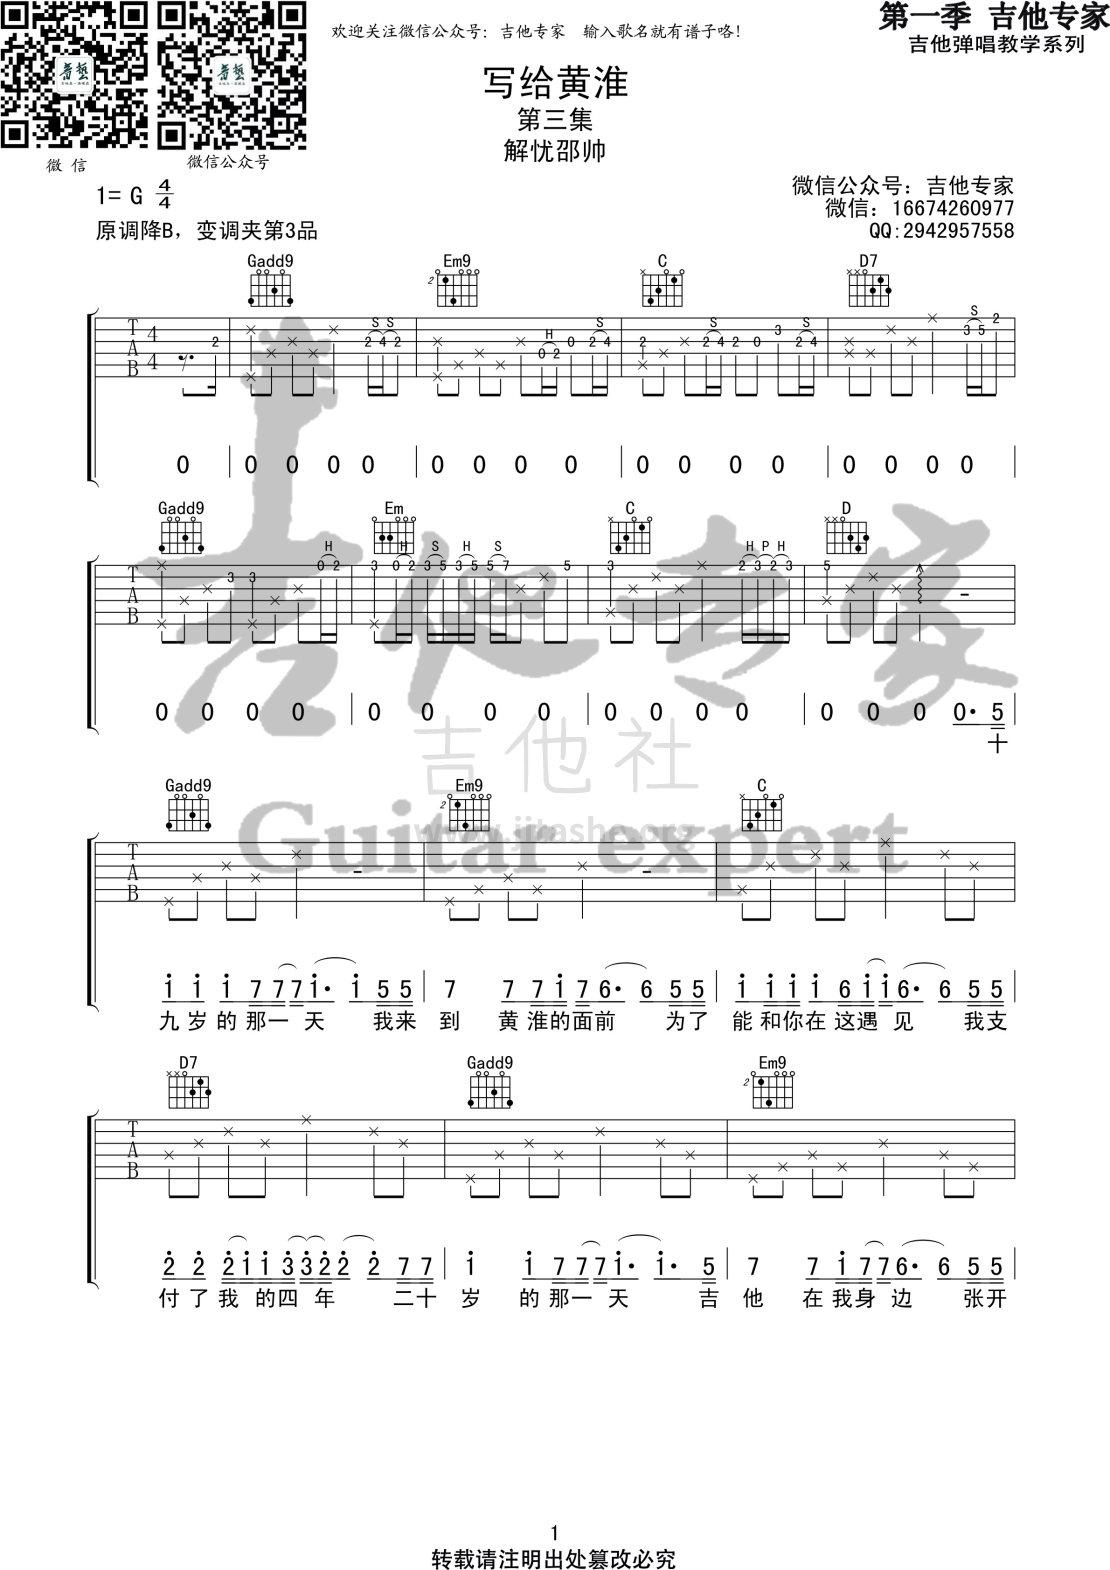 写给黄淮(音艺吉他专家弹唱教学:第一季第3集)吉他谱(图片谱,弹唱,伴奏,教程)_解忧邵帅_写给黄淮1 第一季第三集.jpg